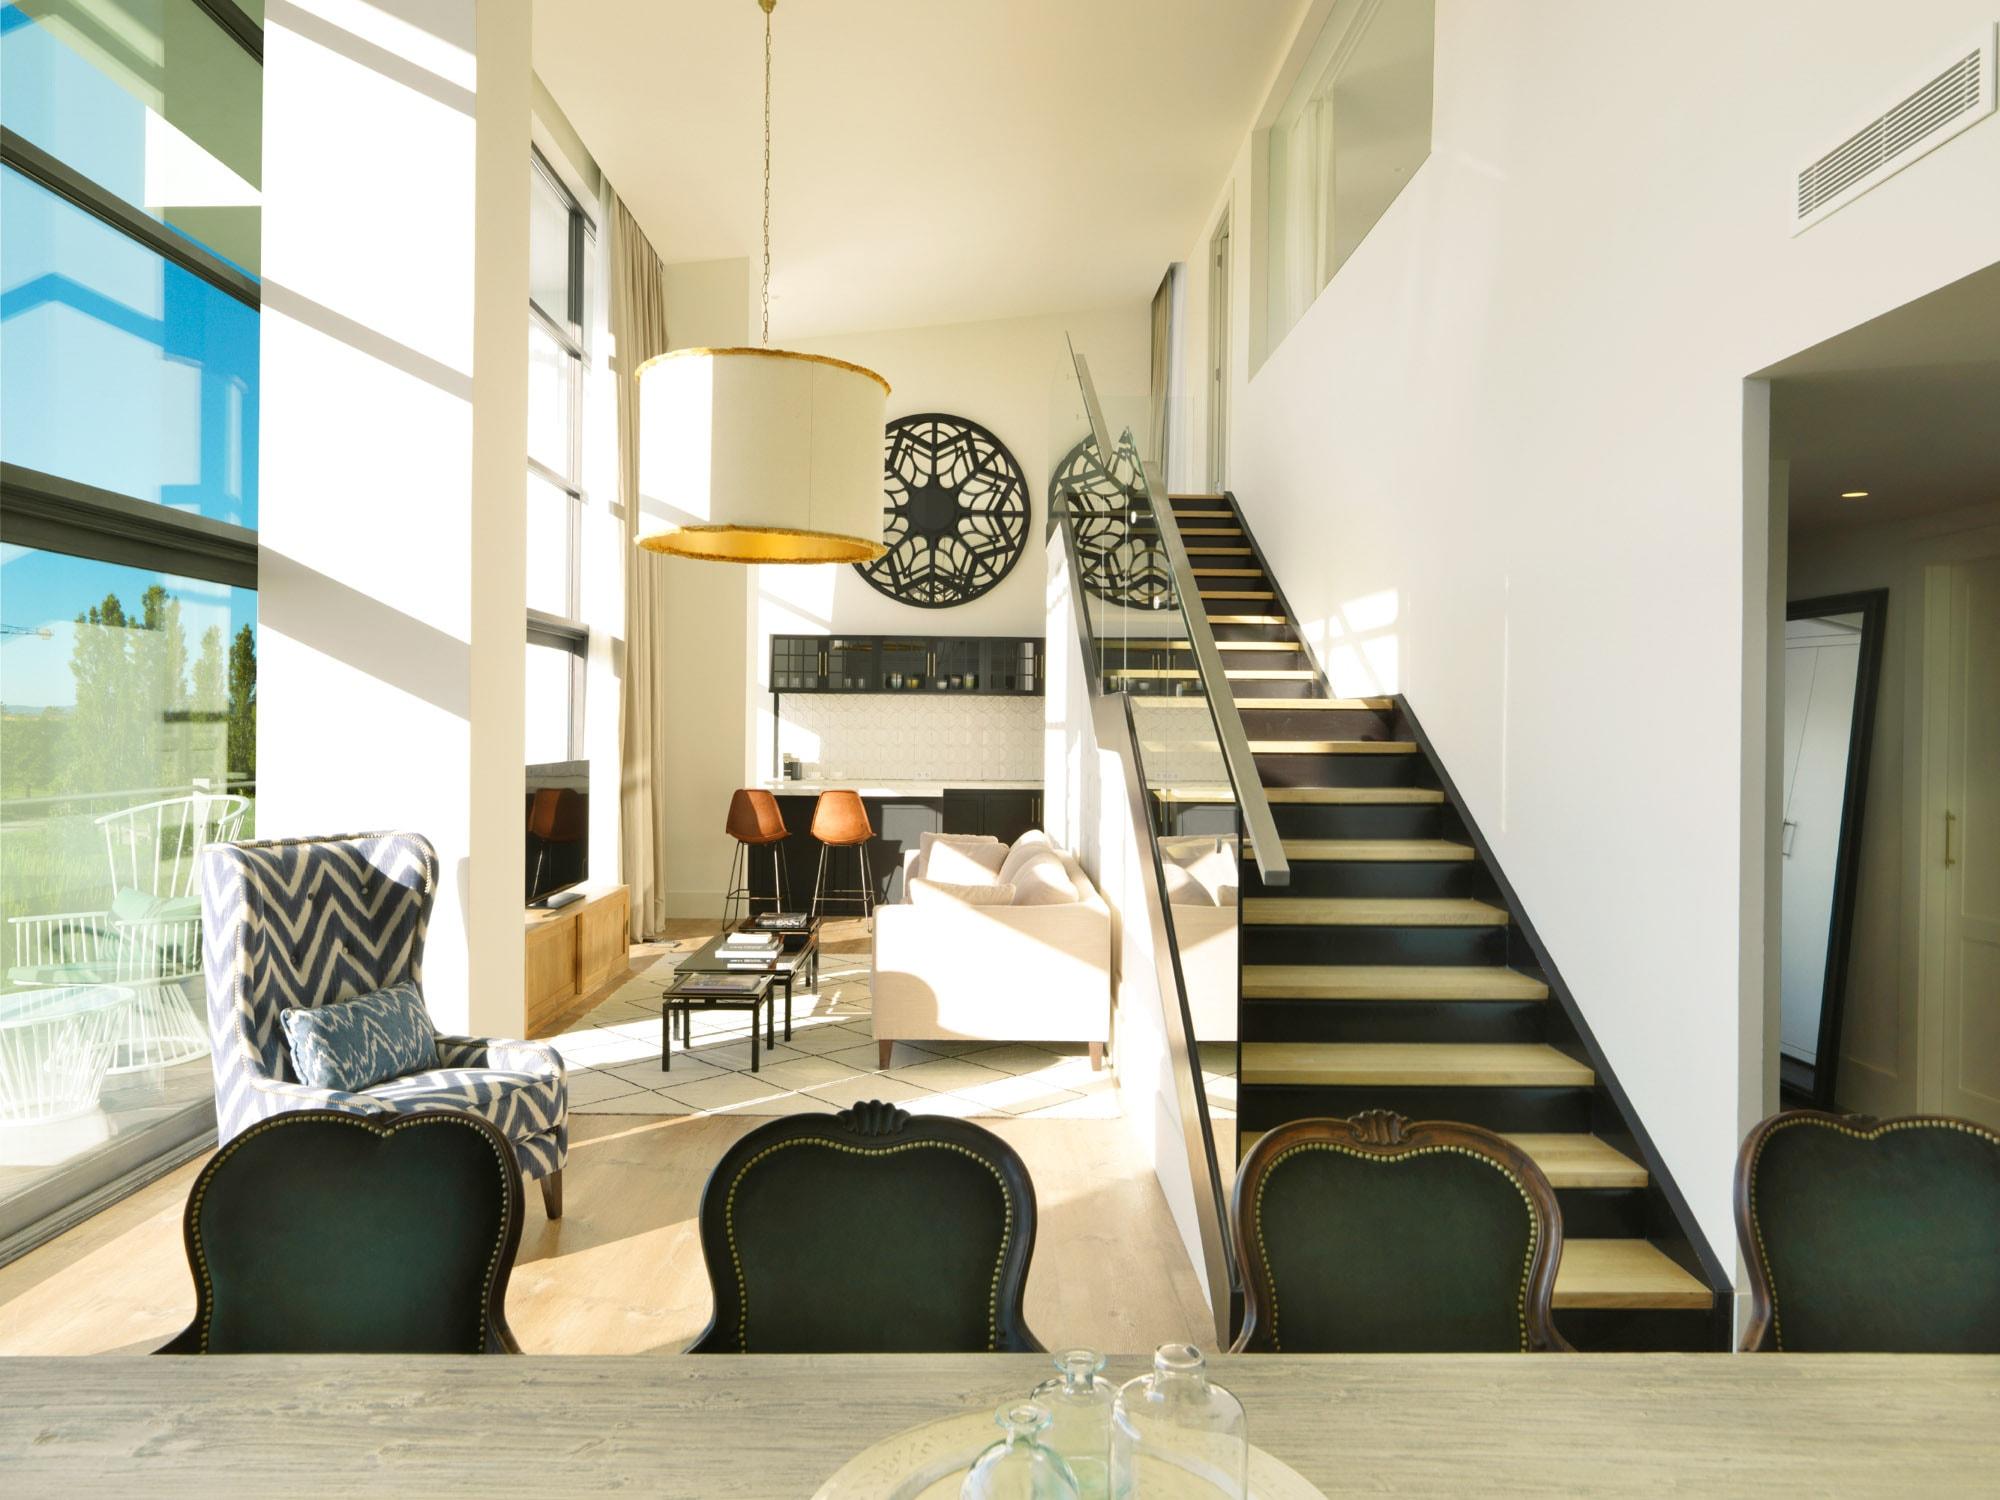 PGA Catalunya Resort: Setting für den Luxusurlaub, exklusiven Lifestyle und das Immobilien-Investment 2